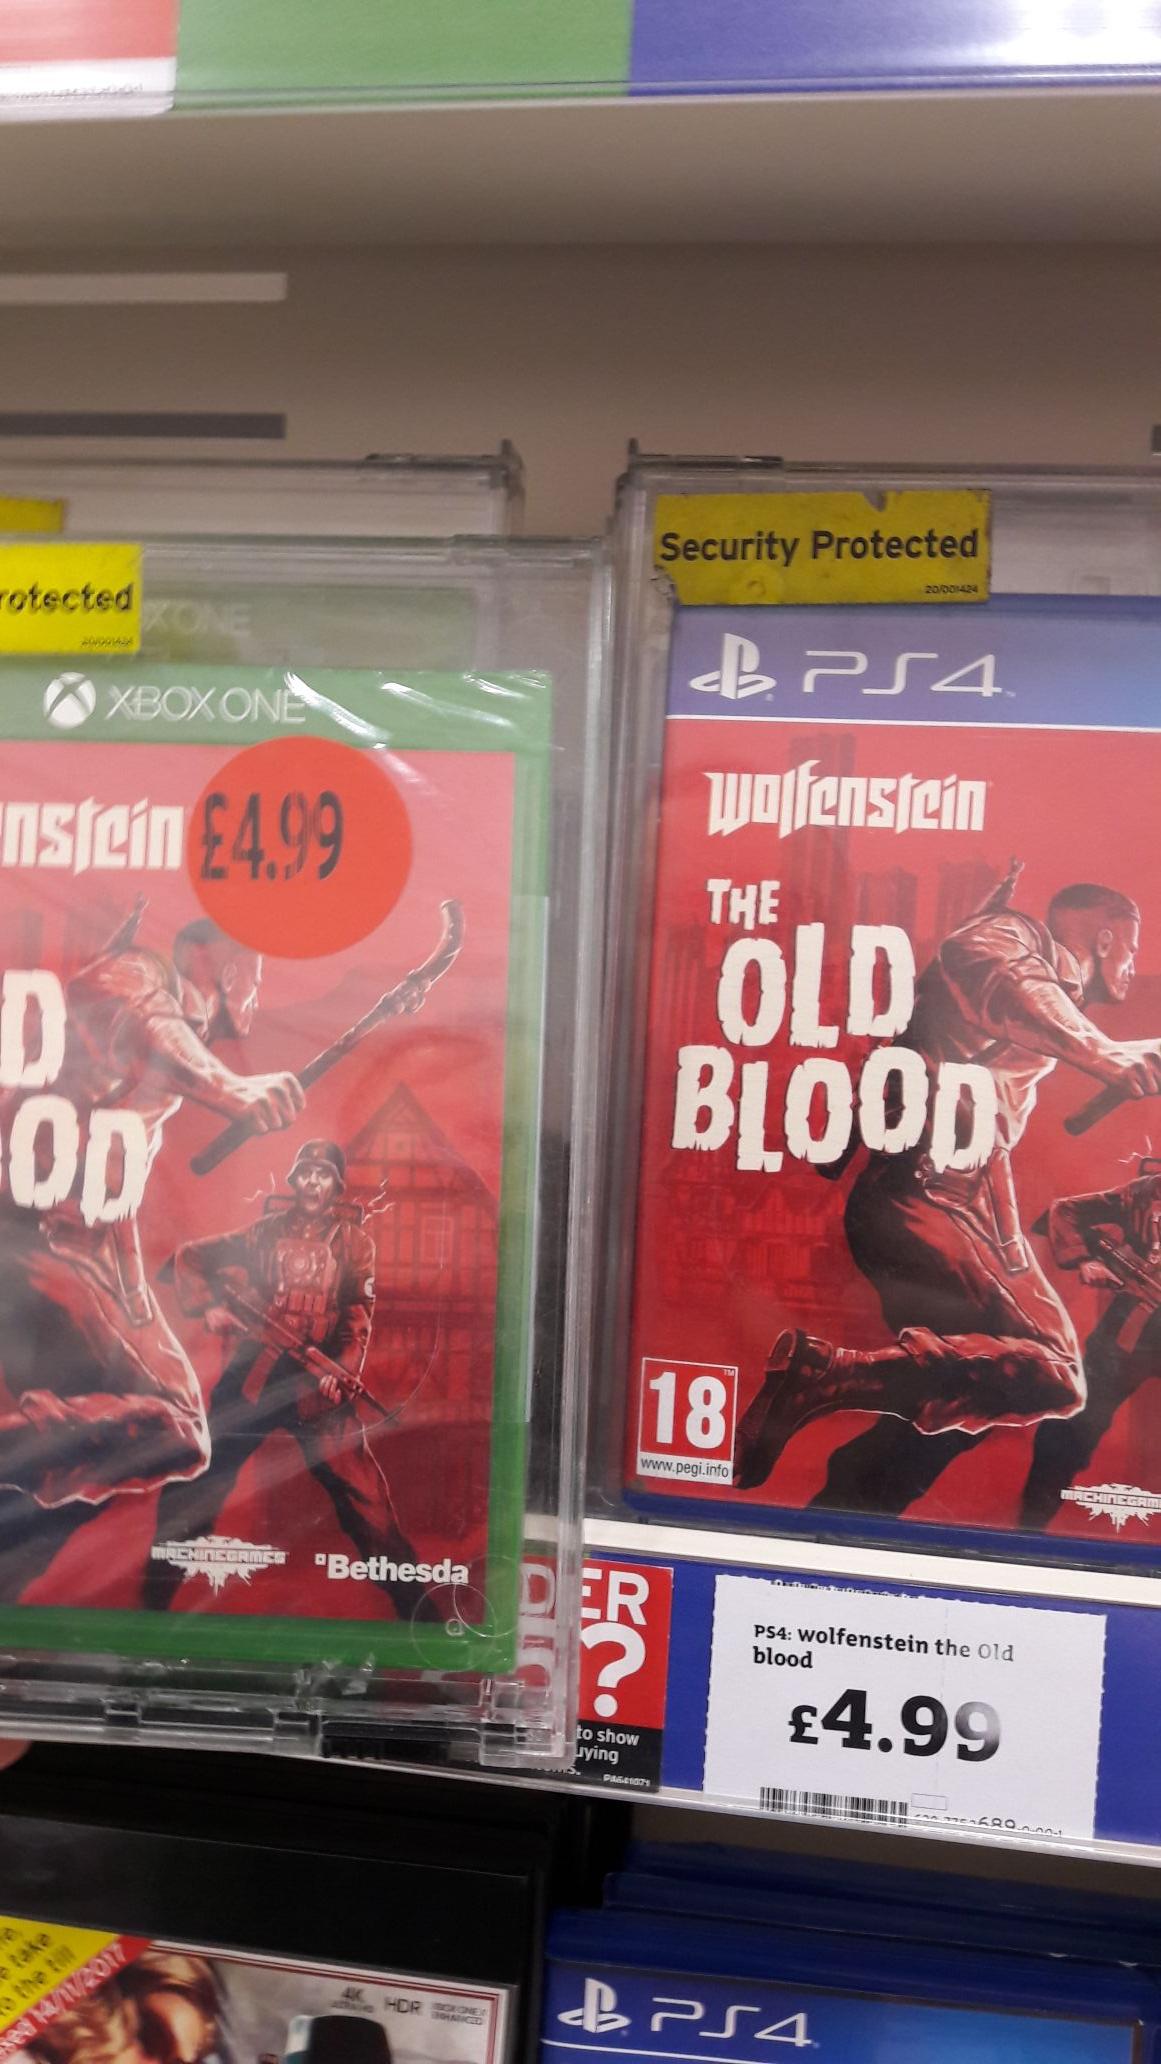 Wolfenstein: The Old Blood £4.99 Mafia 3 £7.99 @ Sainsburys